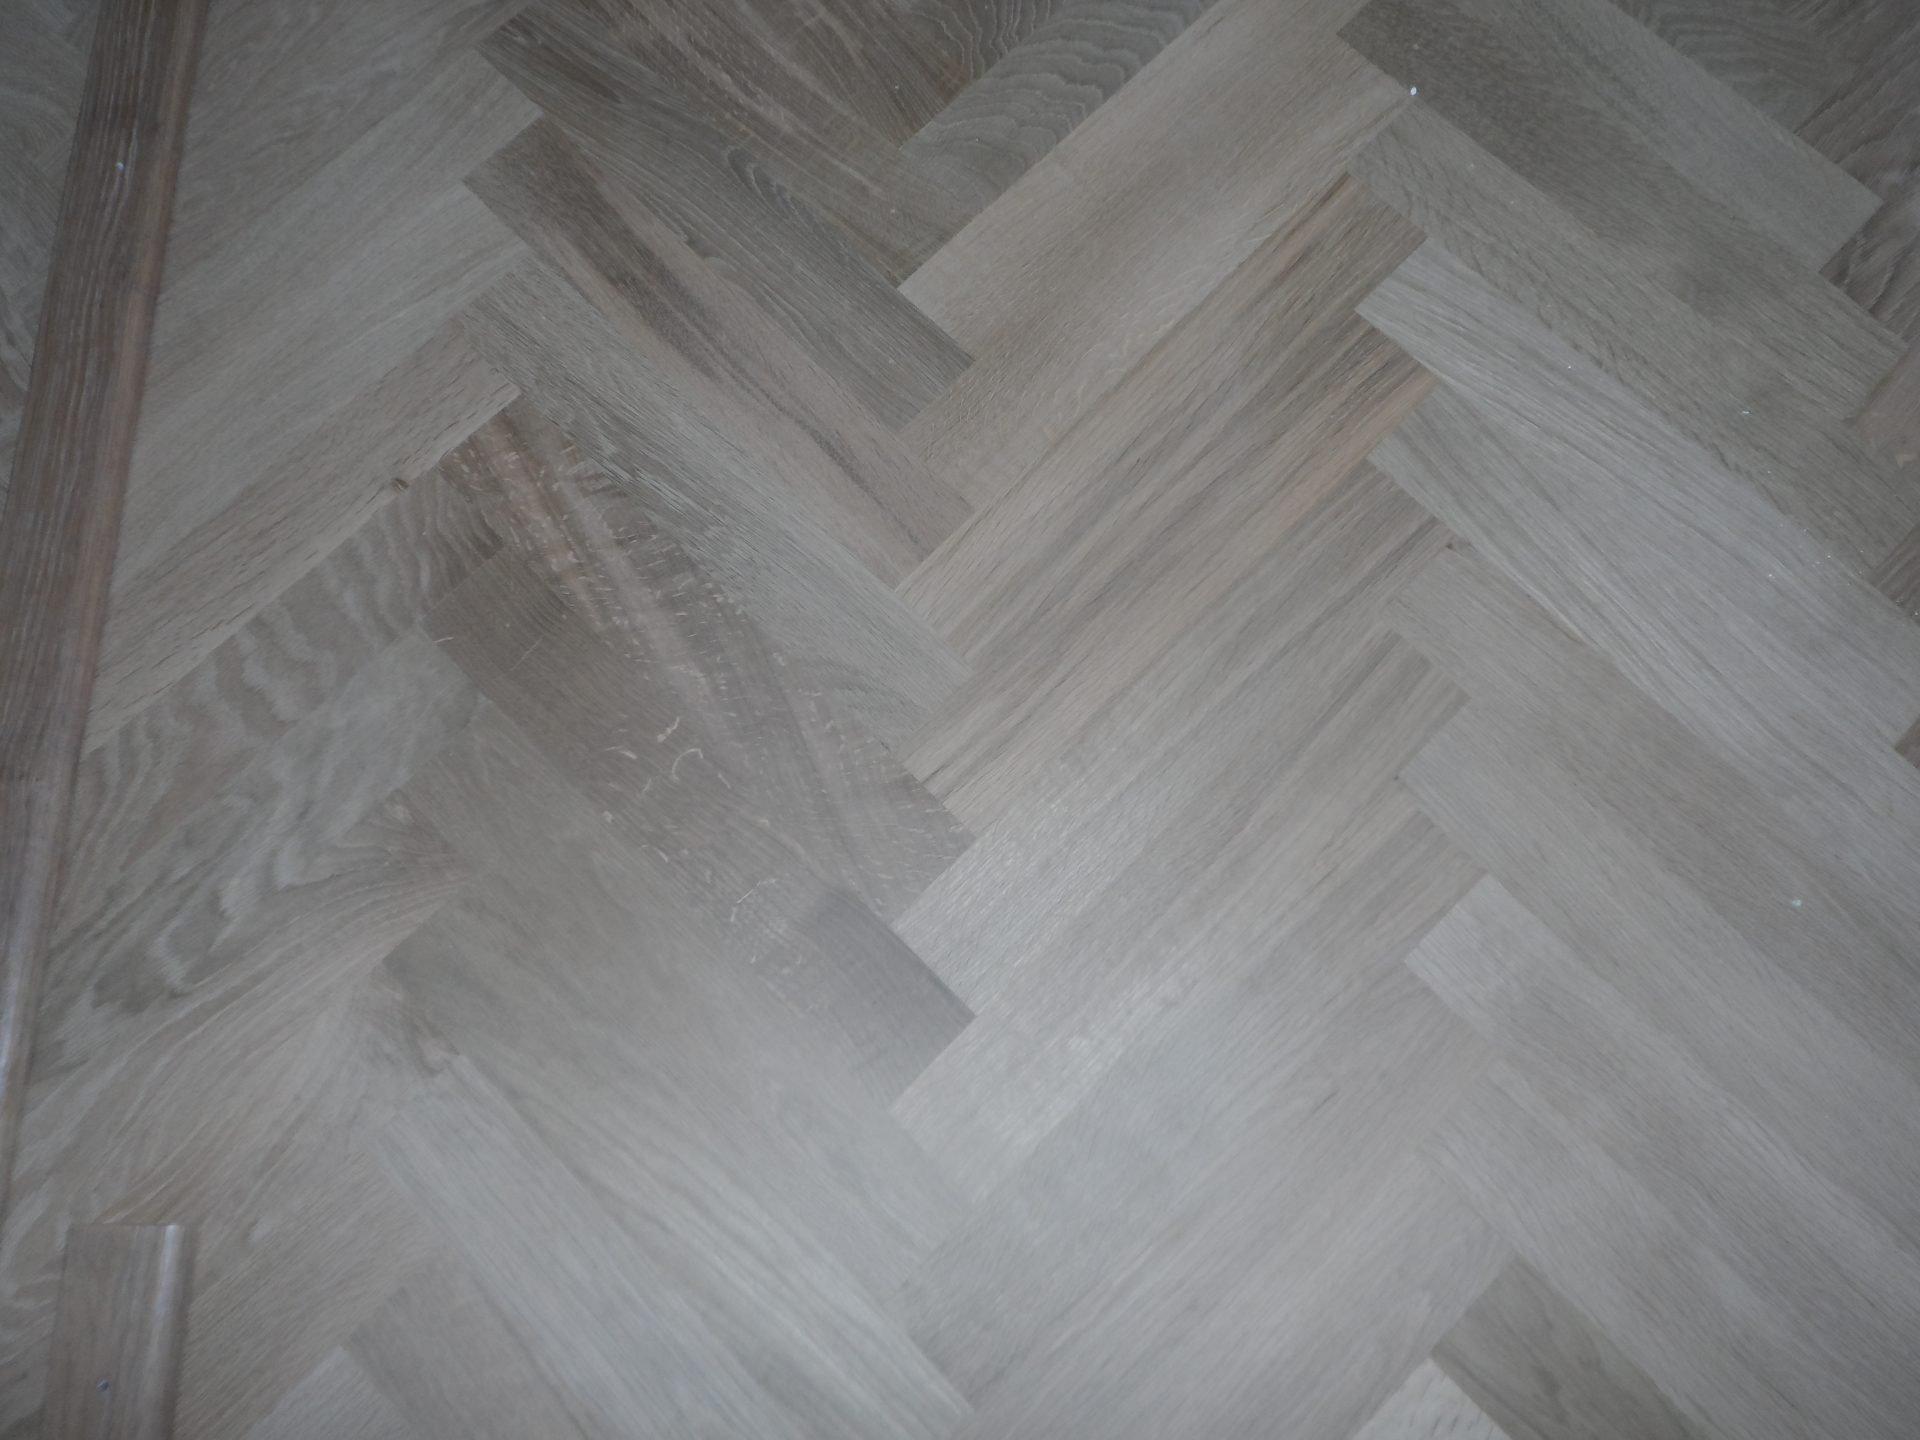 eiken-mozaiekvloer-schuren-rokeninkleuren-met-naturel-wit-en-afwerken-met-een-naturelle-olie-25